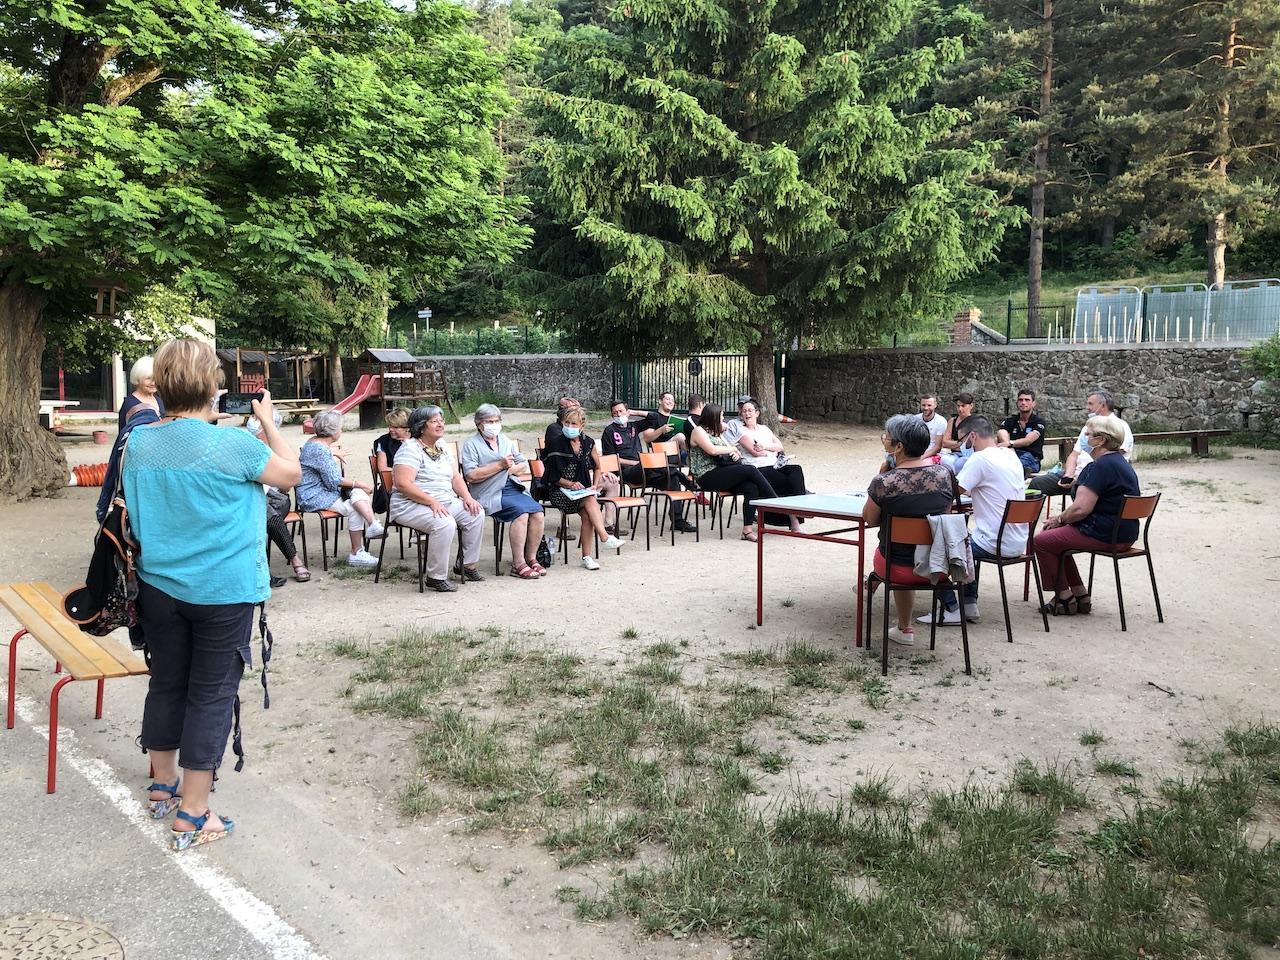 30 personnes s'étaient réunies dans la cour de l'école